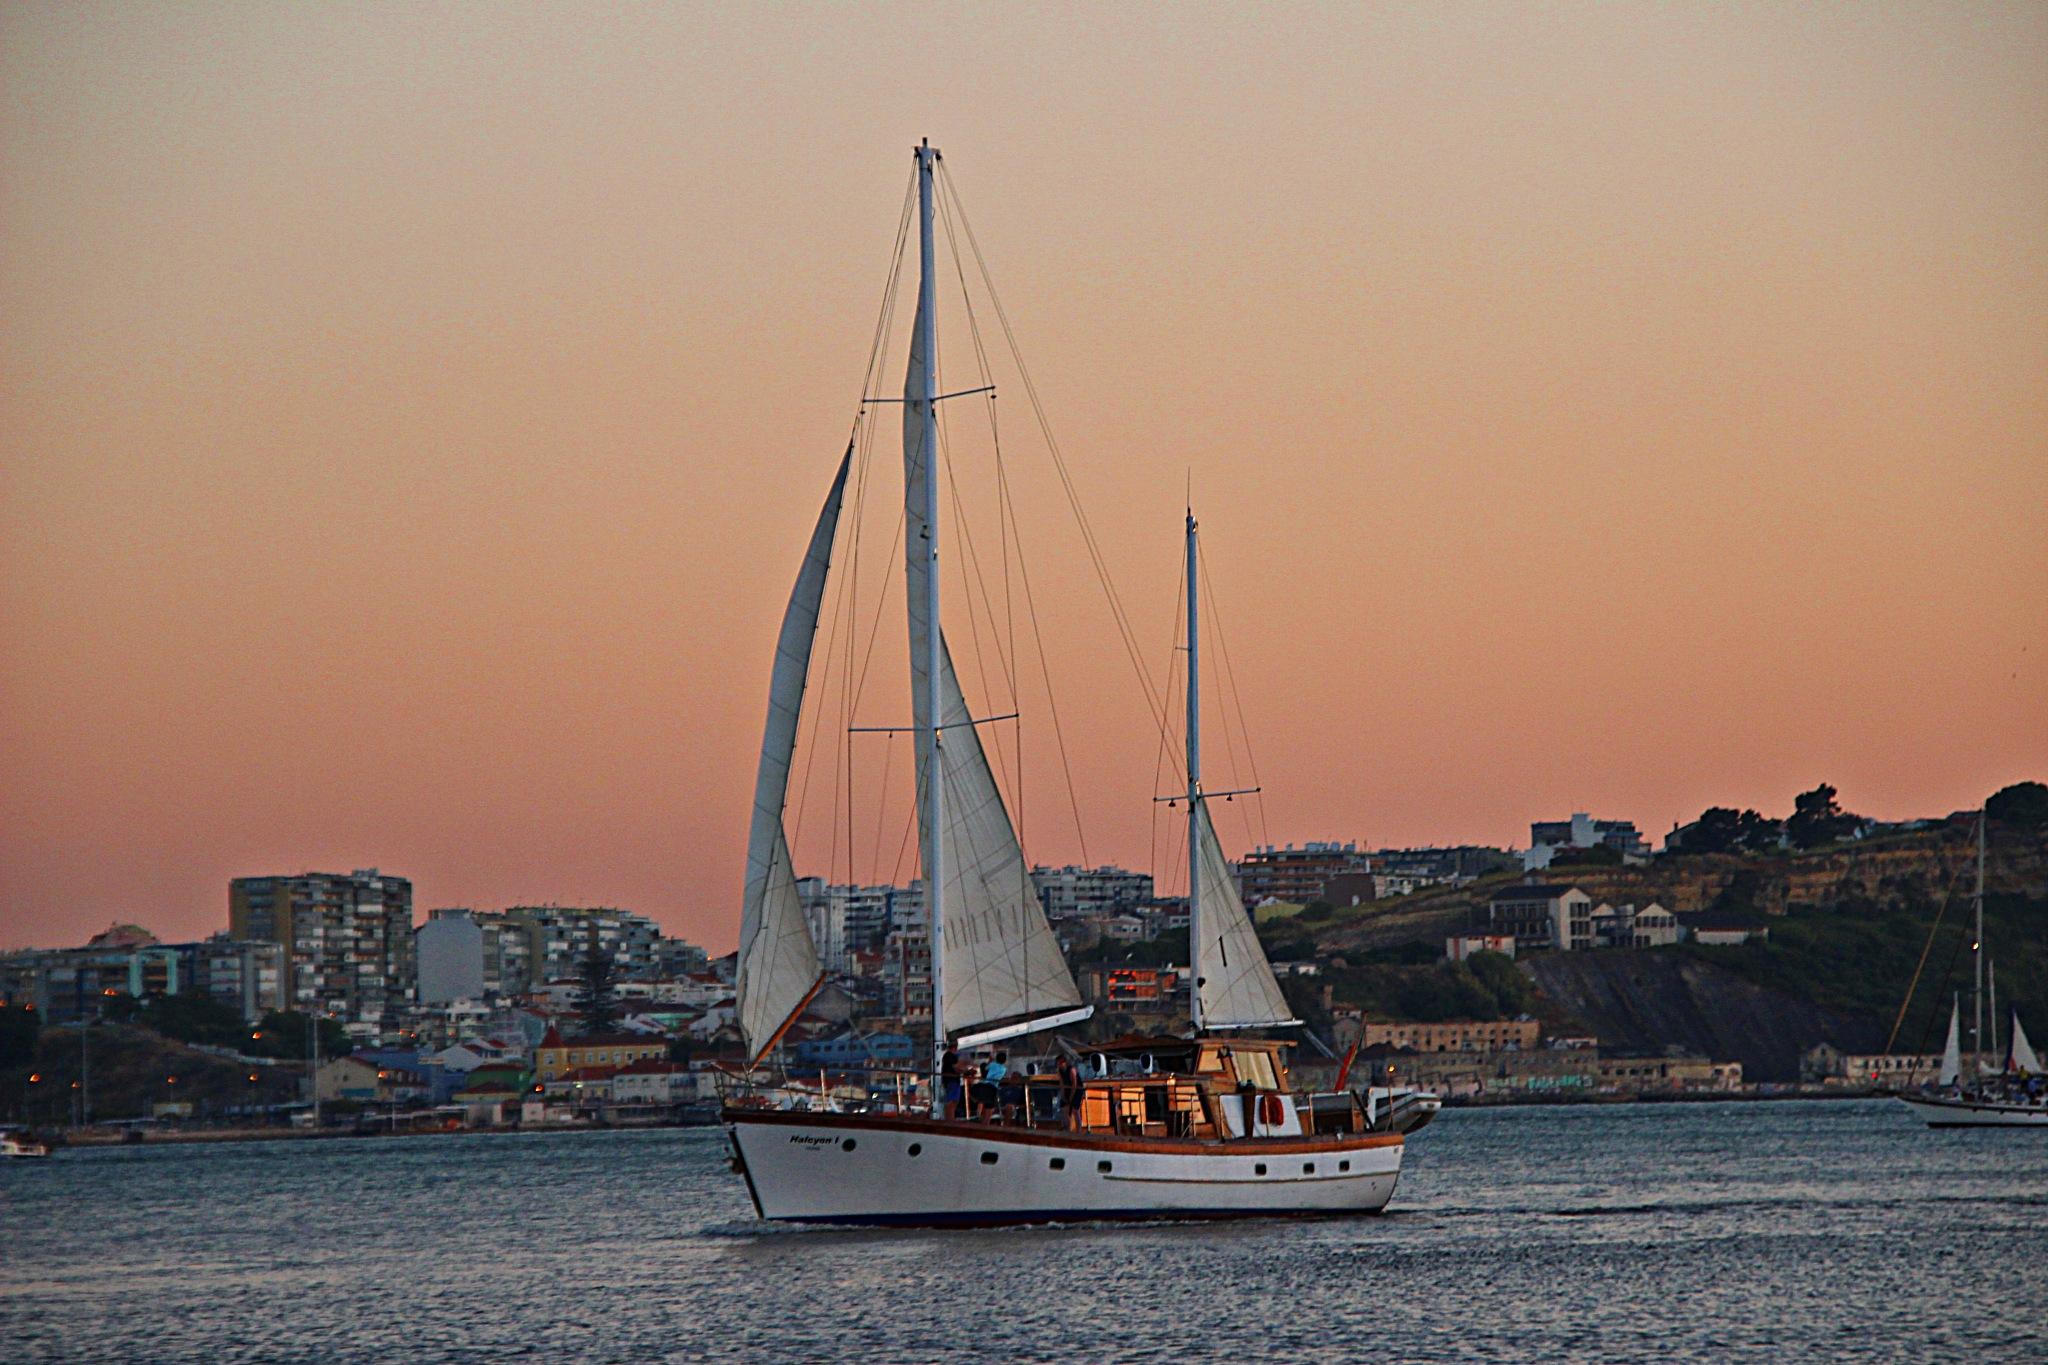 River boat by Joaquim Ribeiro